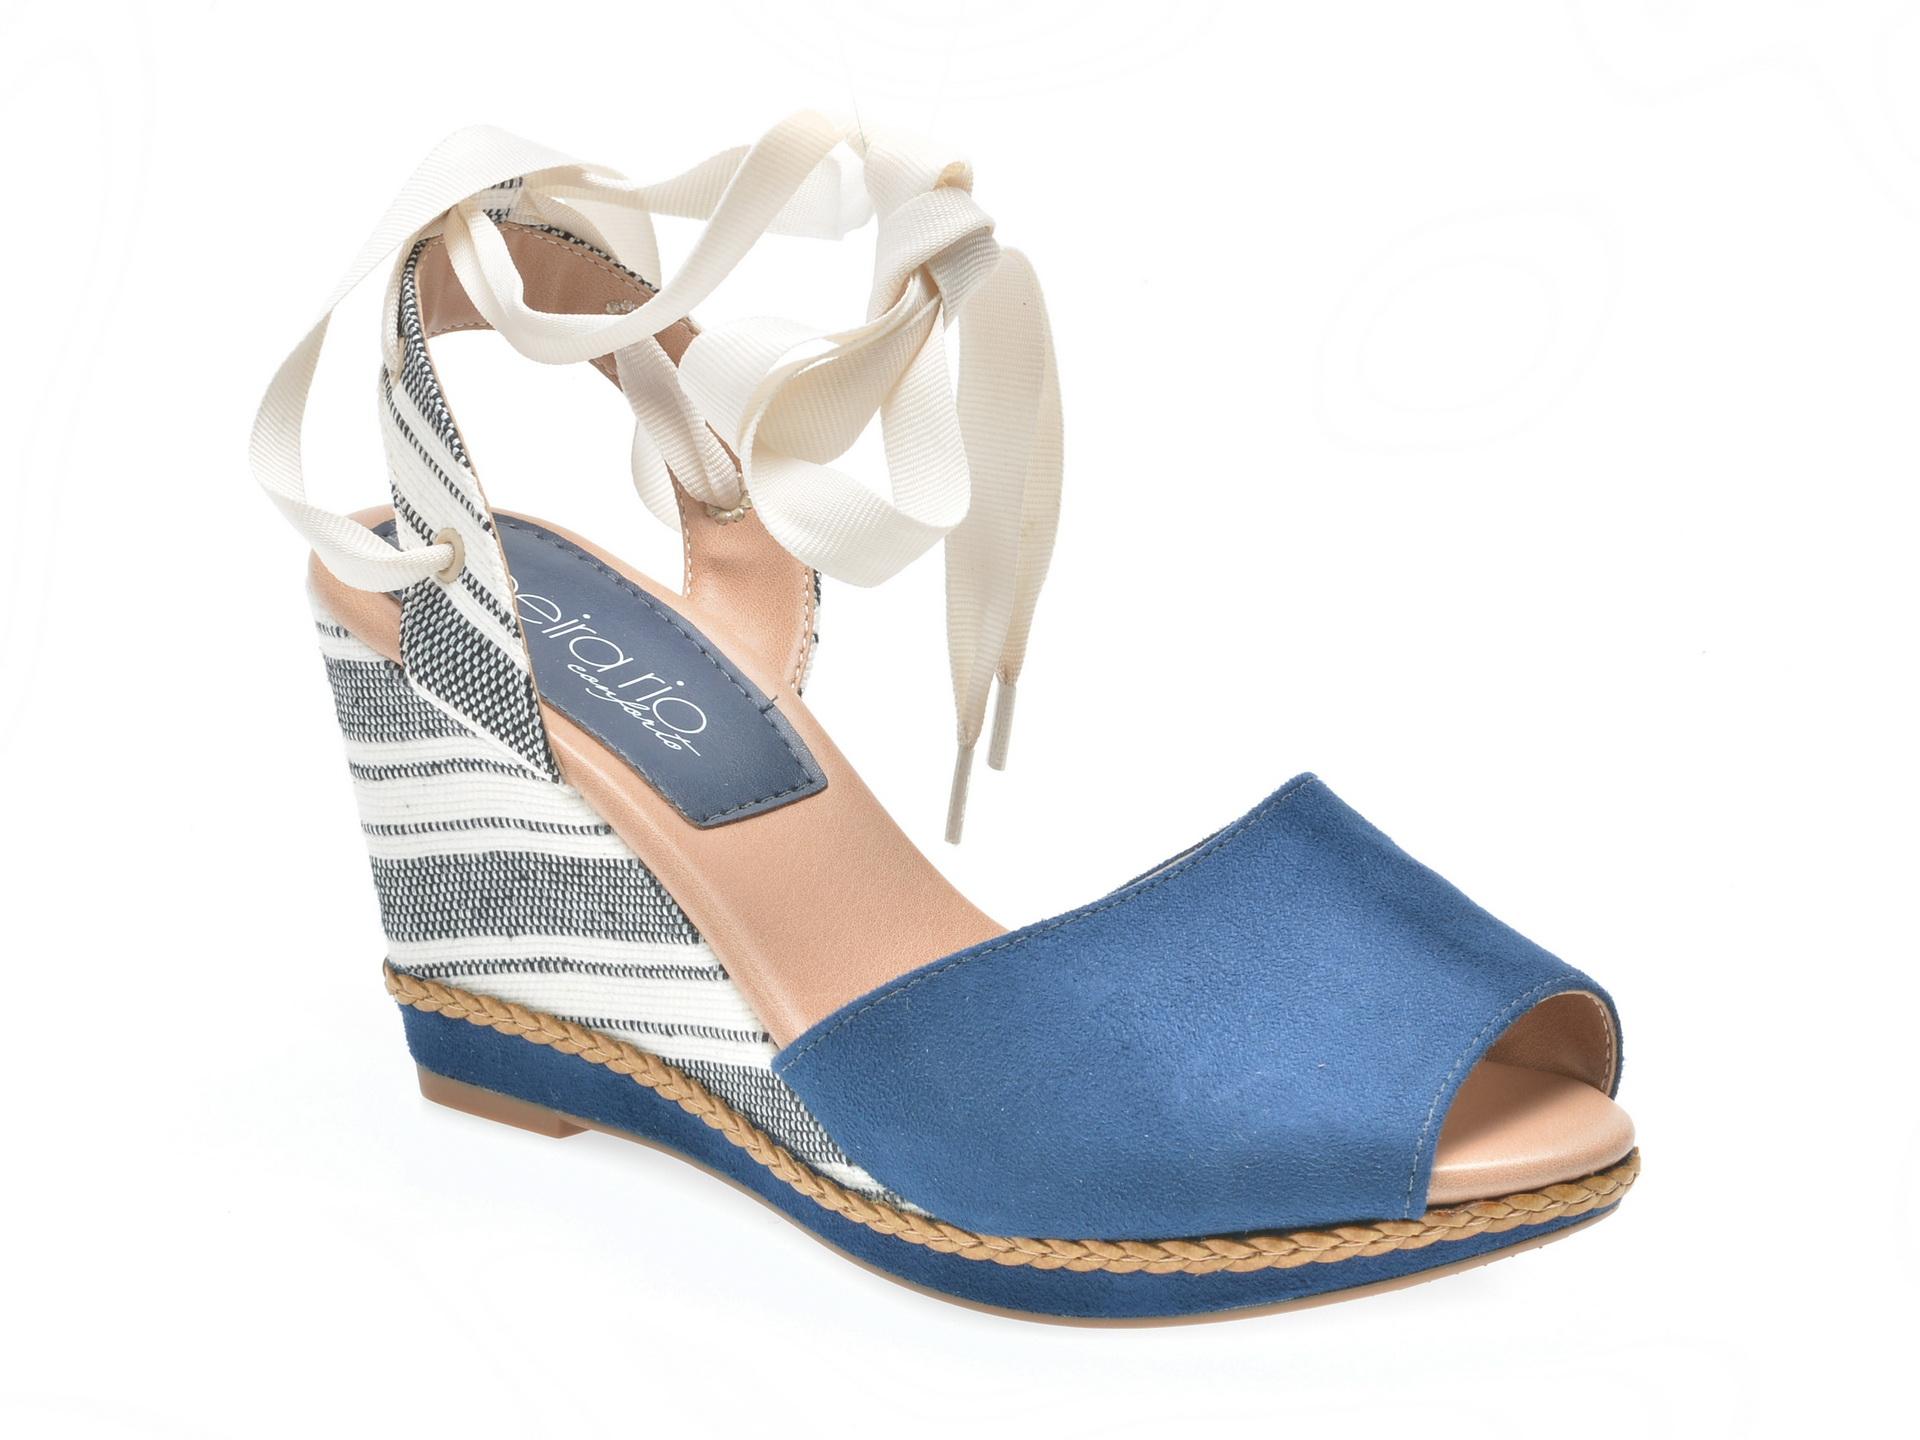 Sandale bleumarin, 8304316, din piele ecologica